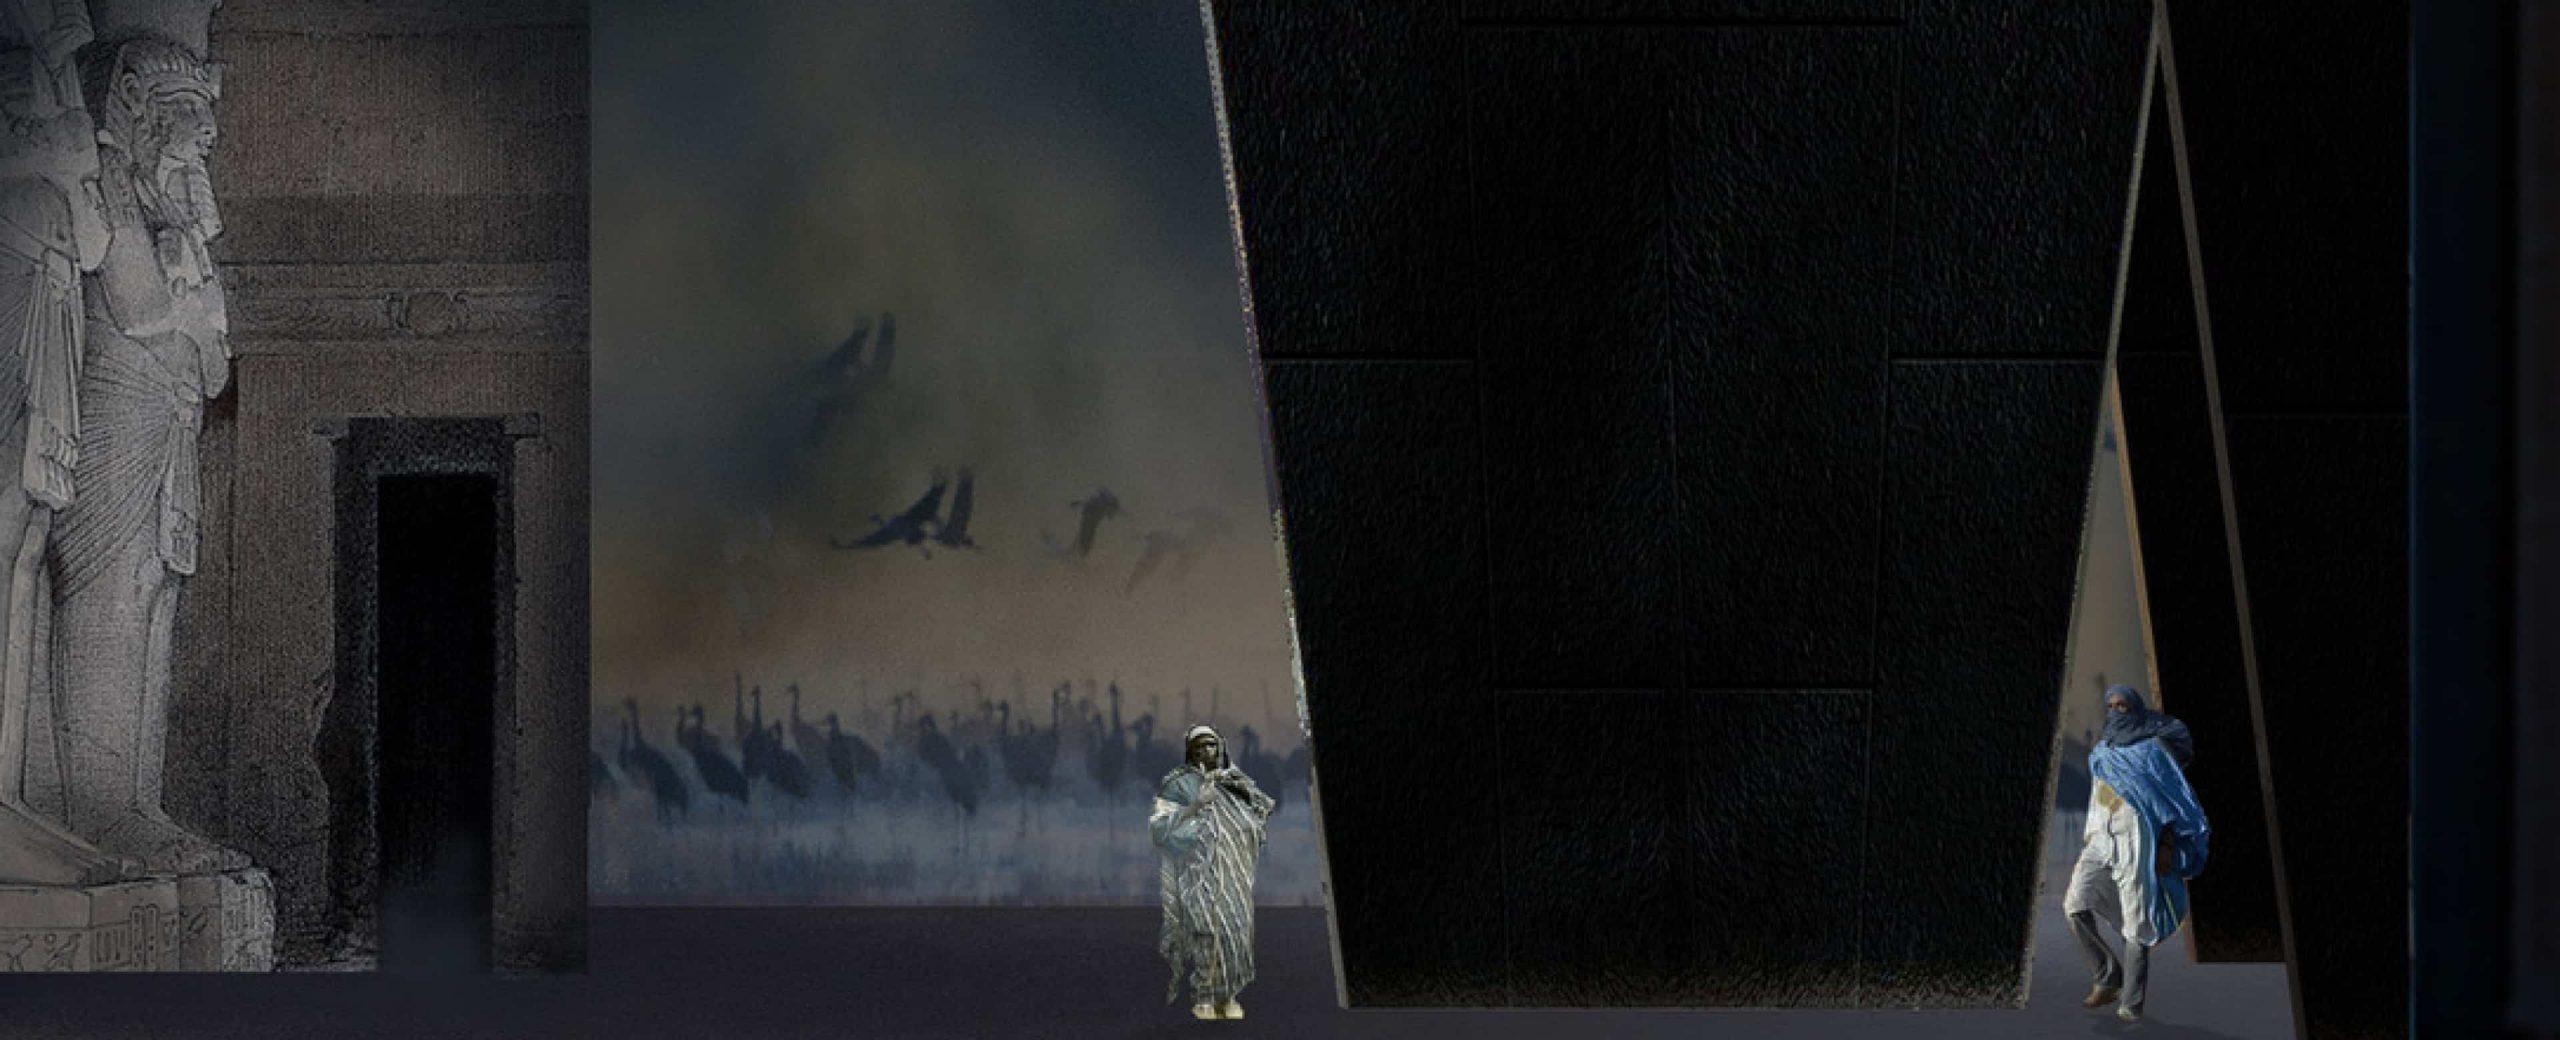 ópera con Verdi y Aida